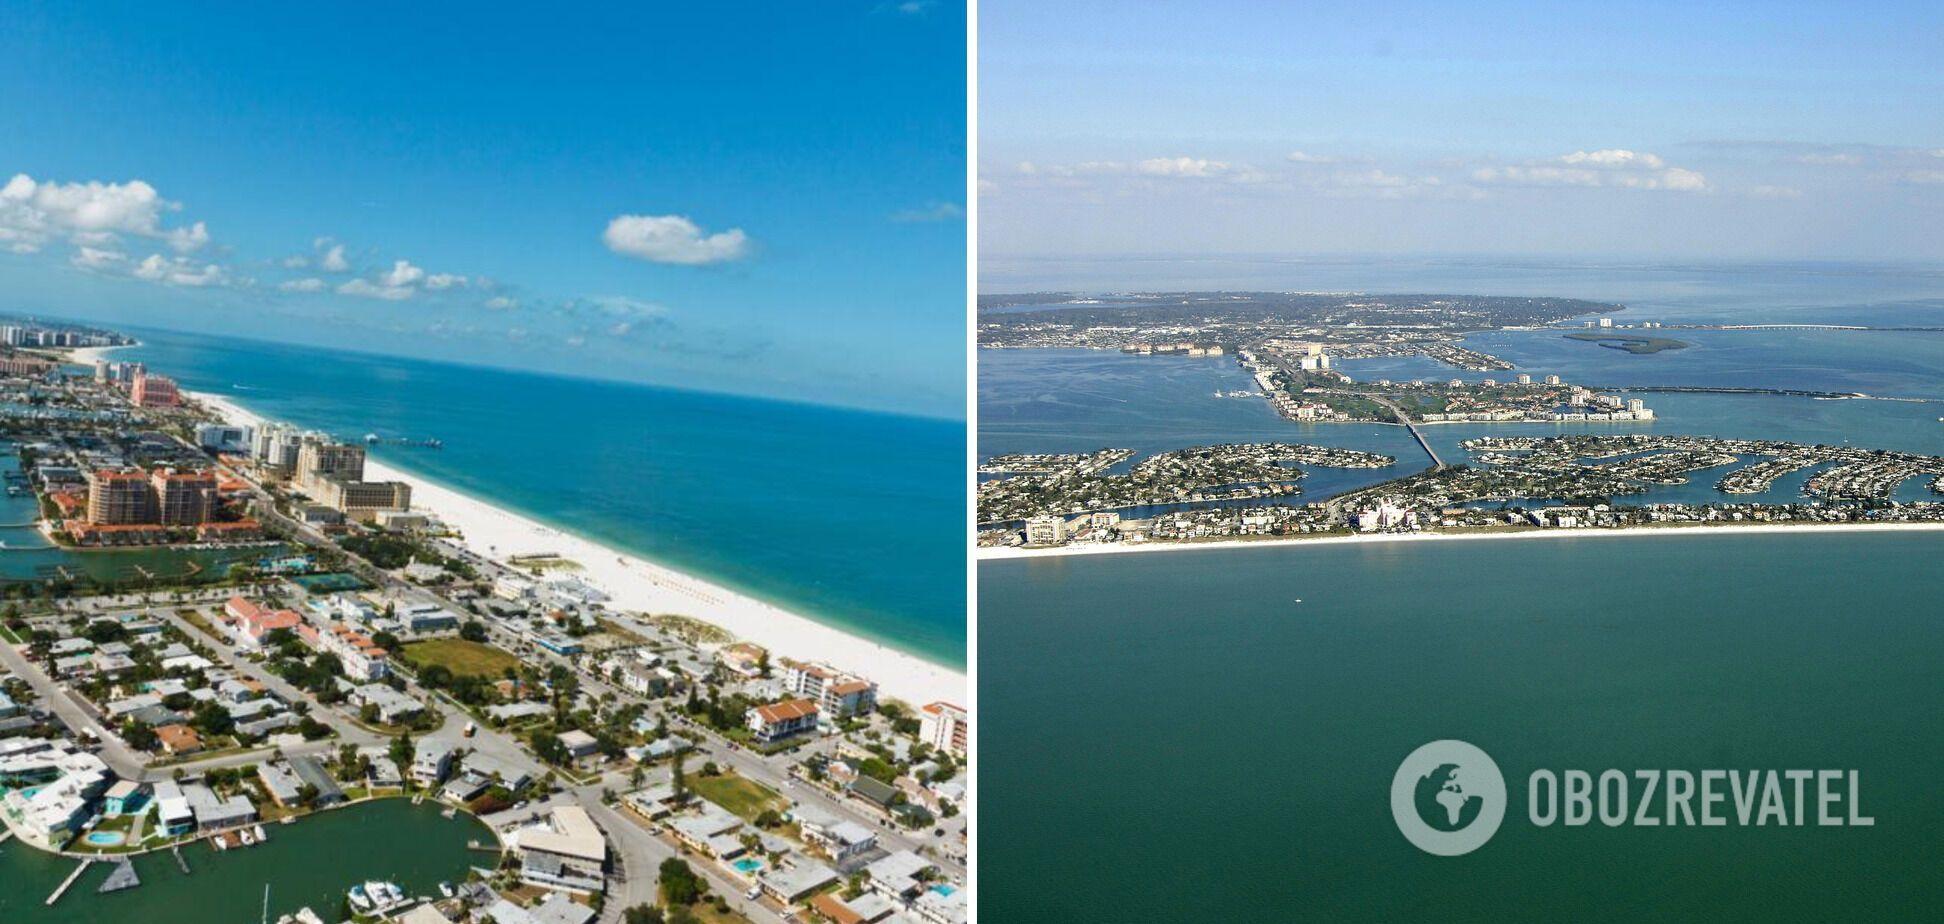 Флорида здобула велику популярність, дякуючи океанським краєвидам